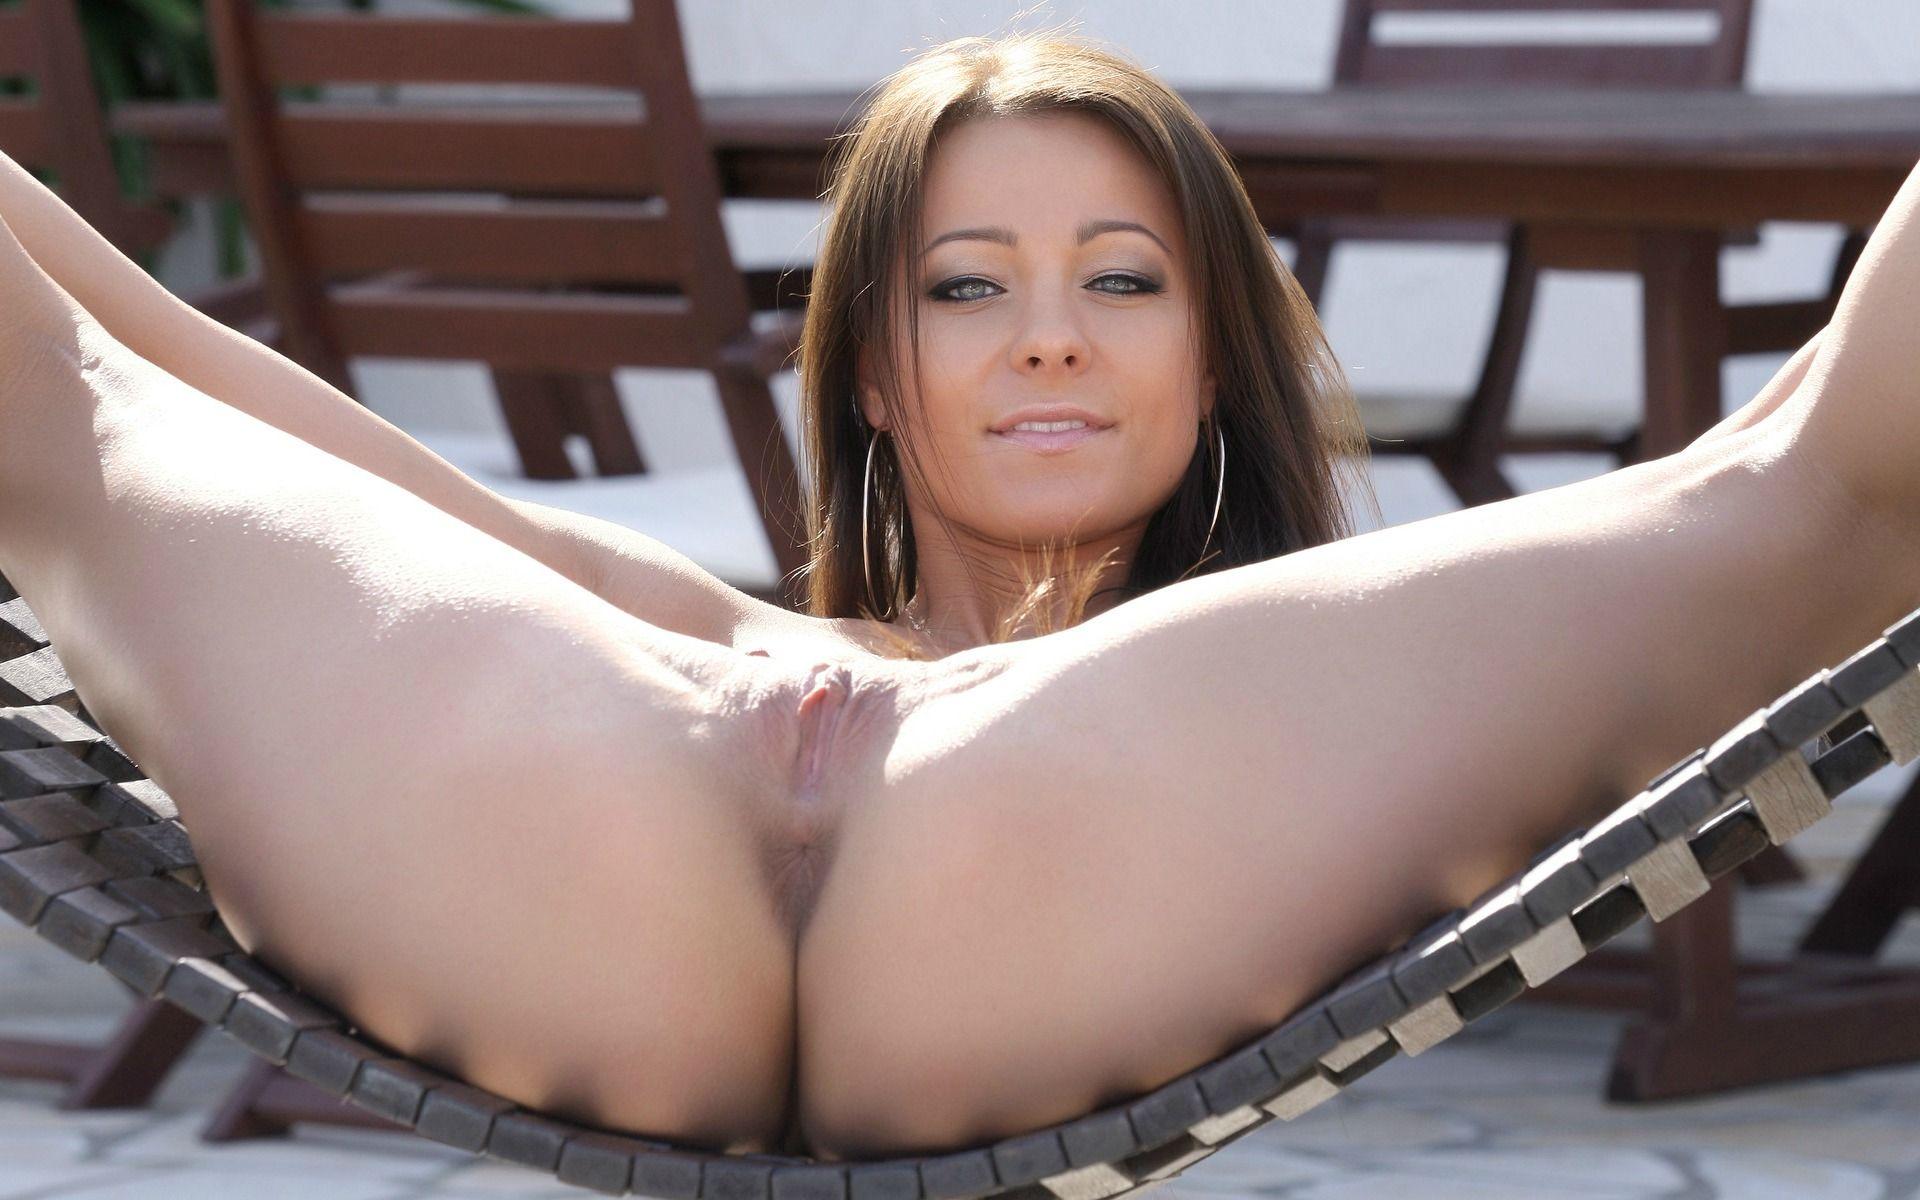 Legs nude open Category:Nude women